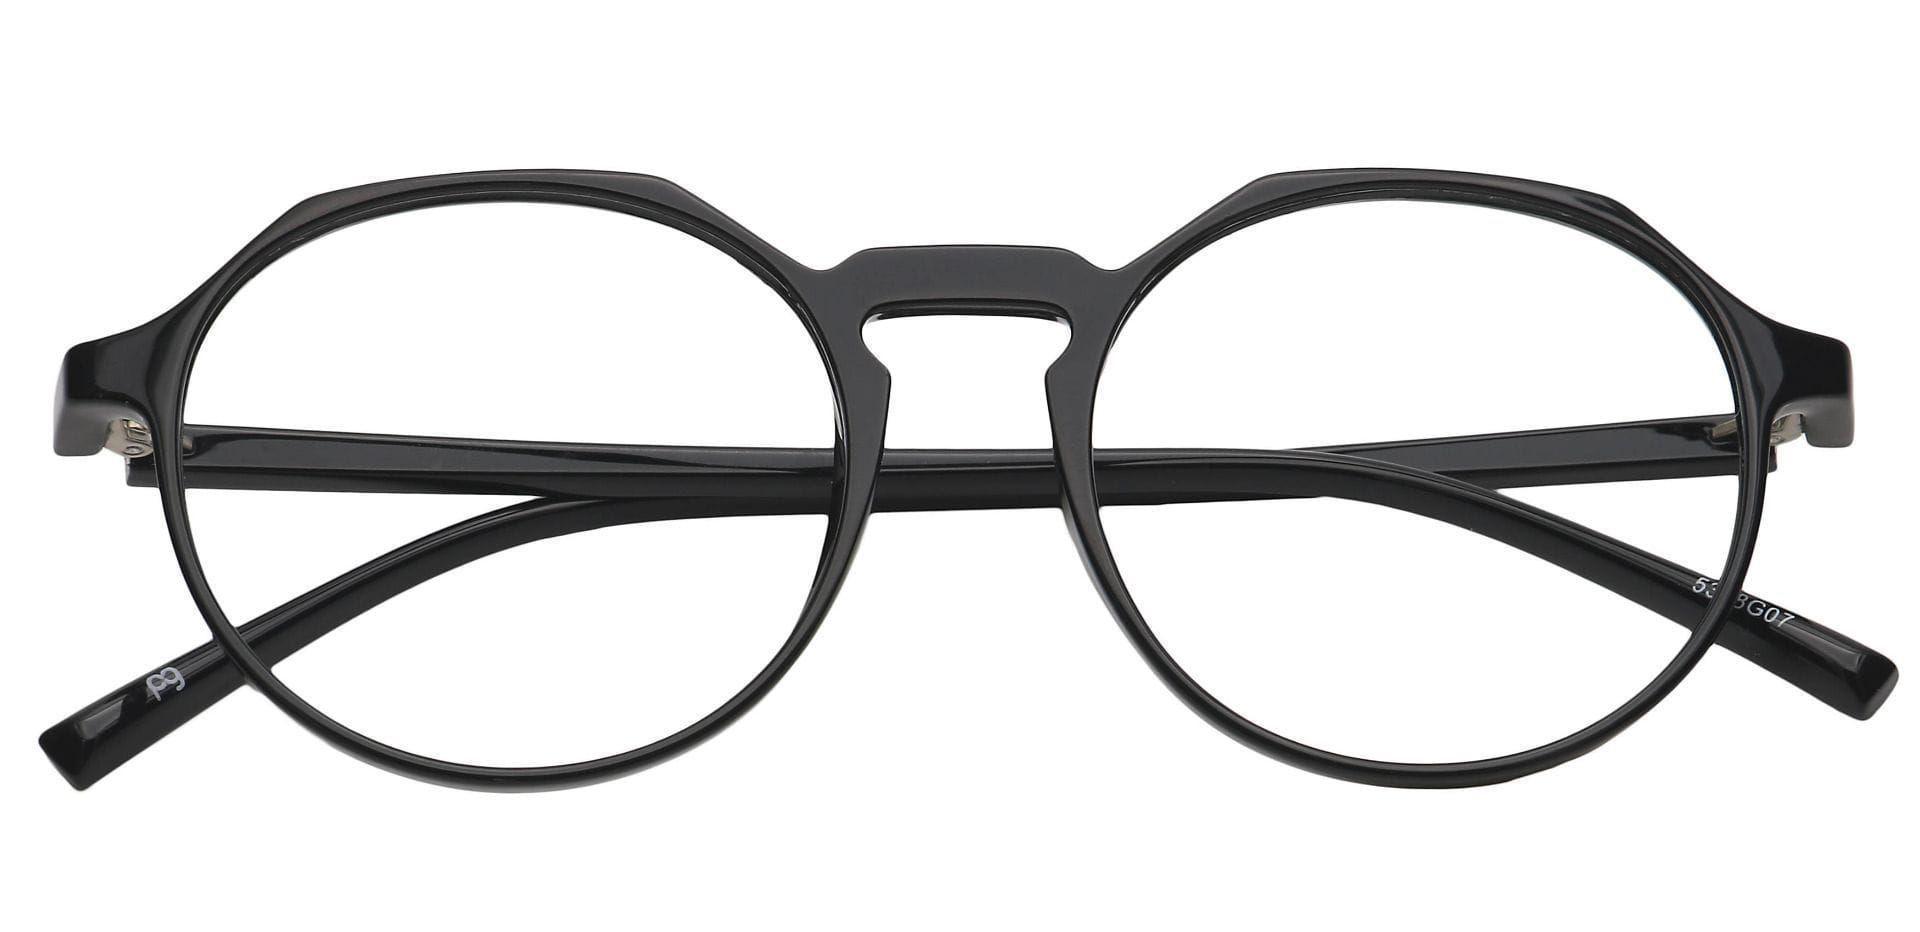 Paragon Oval Progressive Glasses - Gray